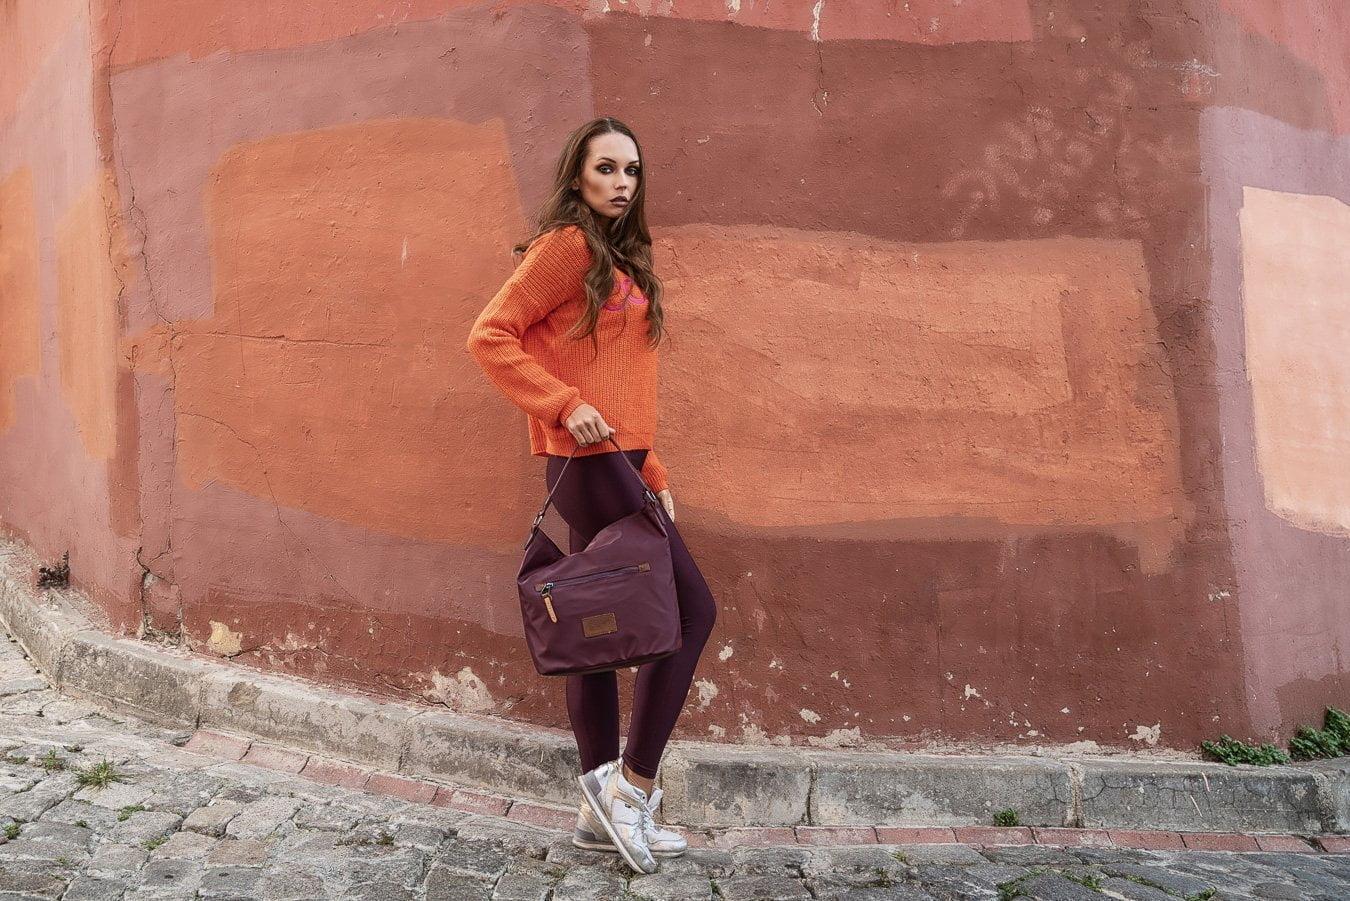 Modelli Ürün Çekimi moda tekstil burakbulutfotografatolyesi 21